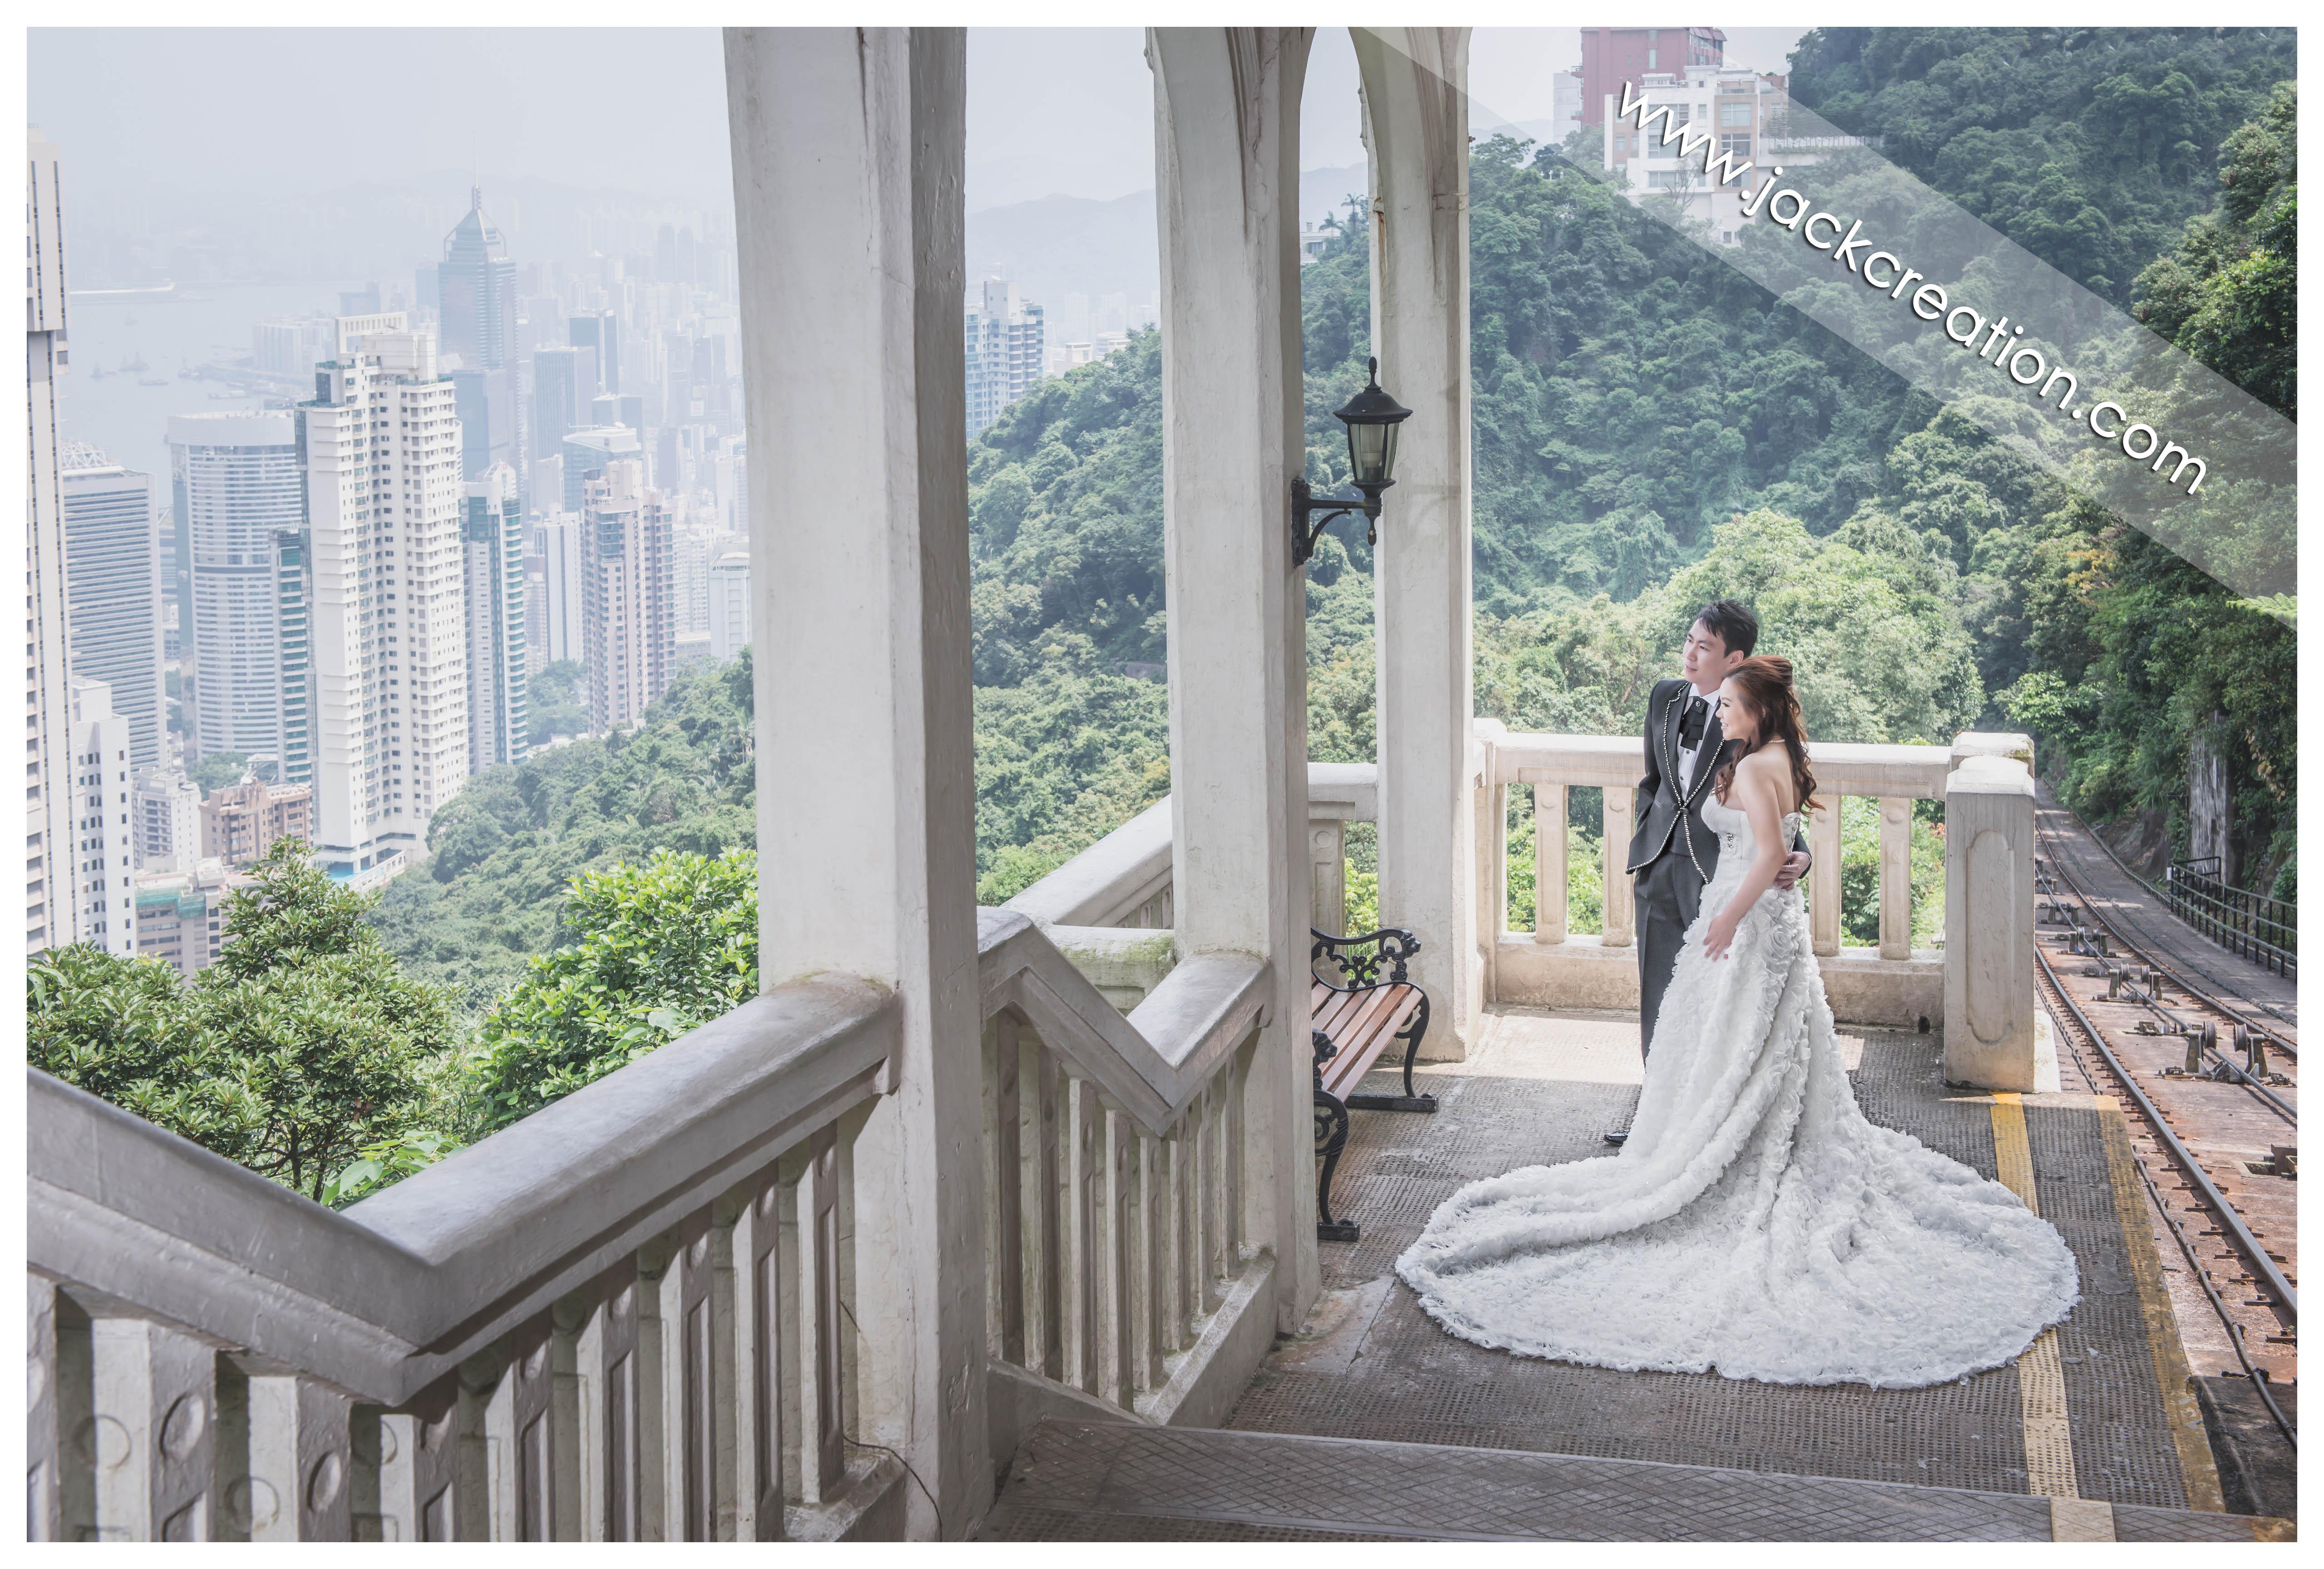 Hong Kong Wedding Photography: Hong Kong Pre Wedding Jodie & Gary By Jack